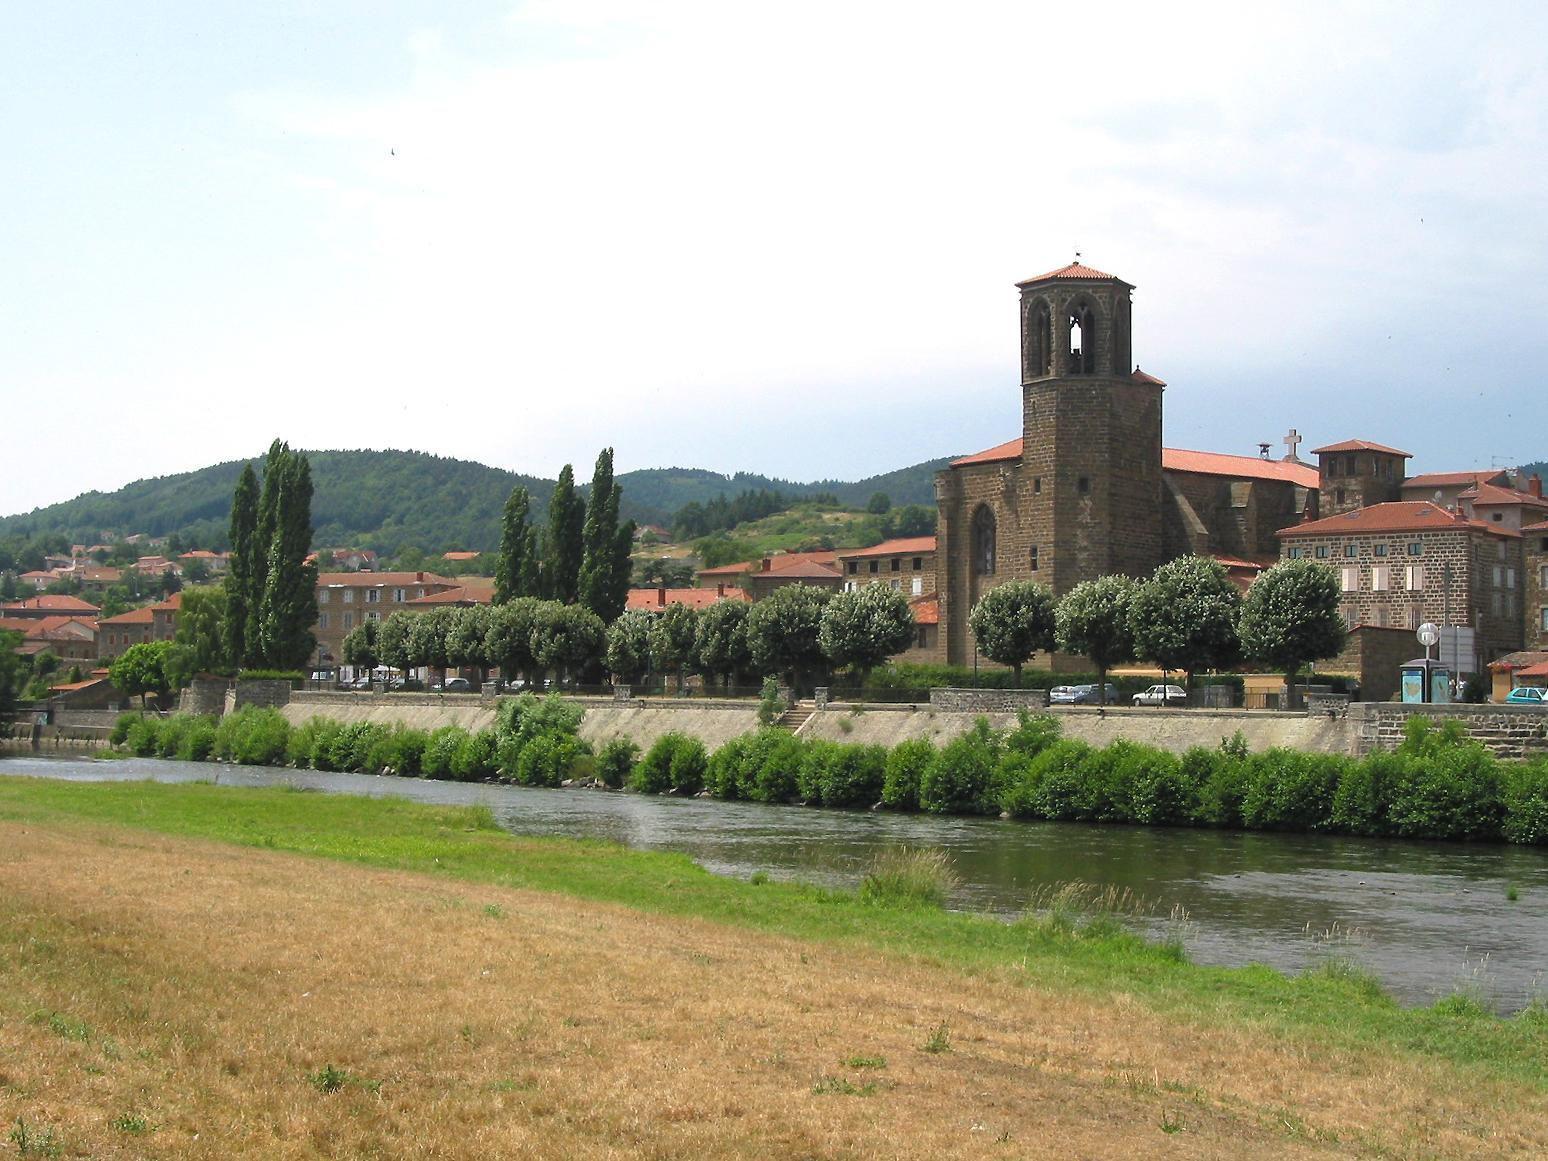 Villes villages hameaux d couvrir haute loire 43 for Haute loire 43